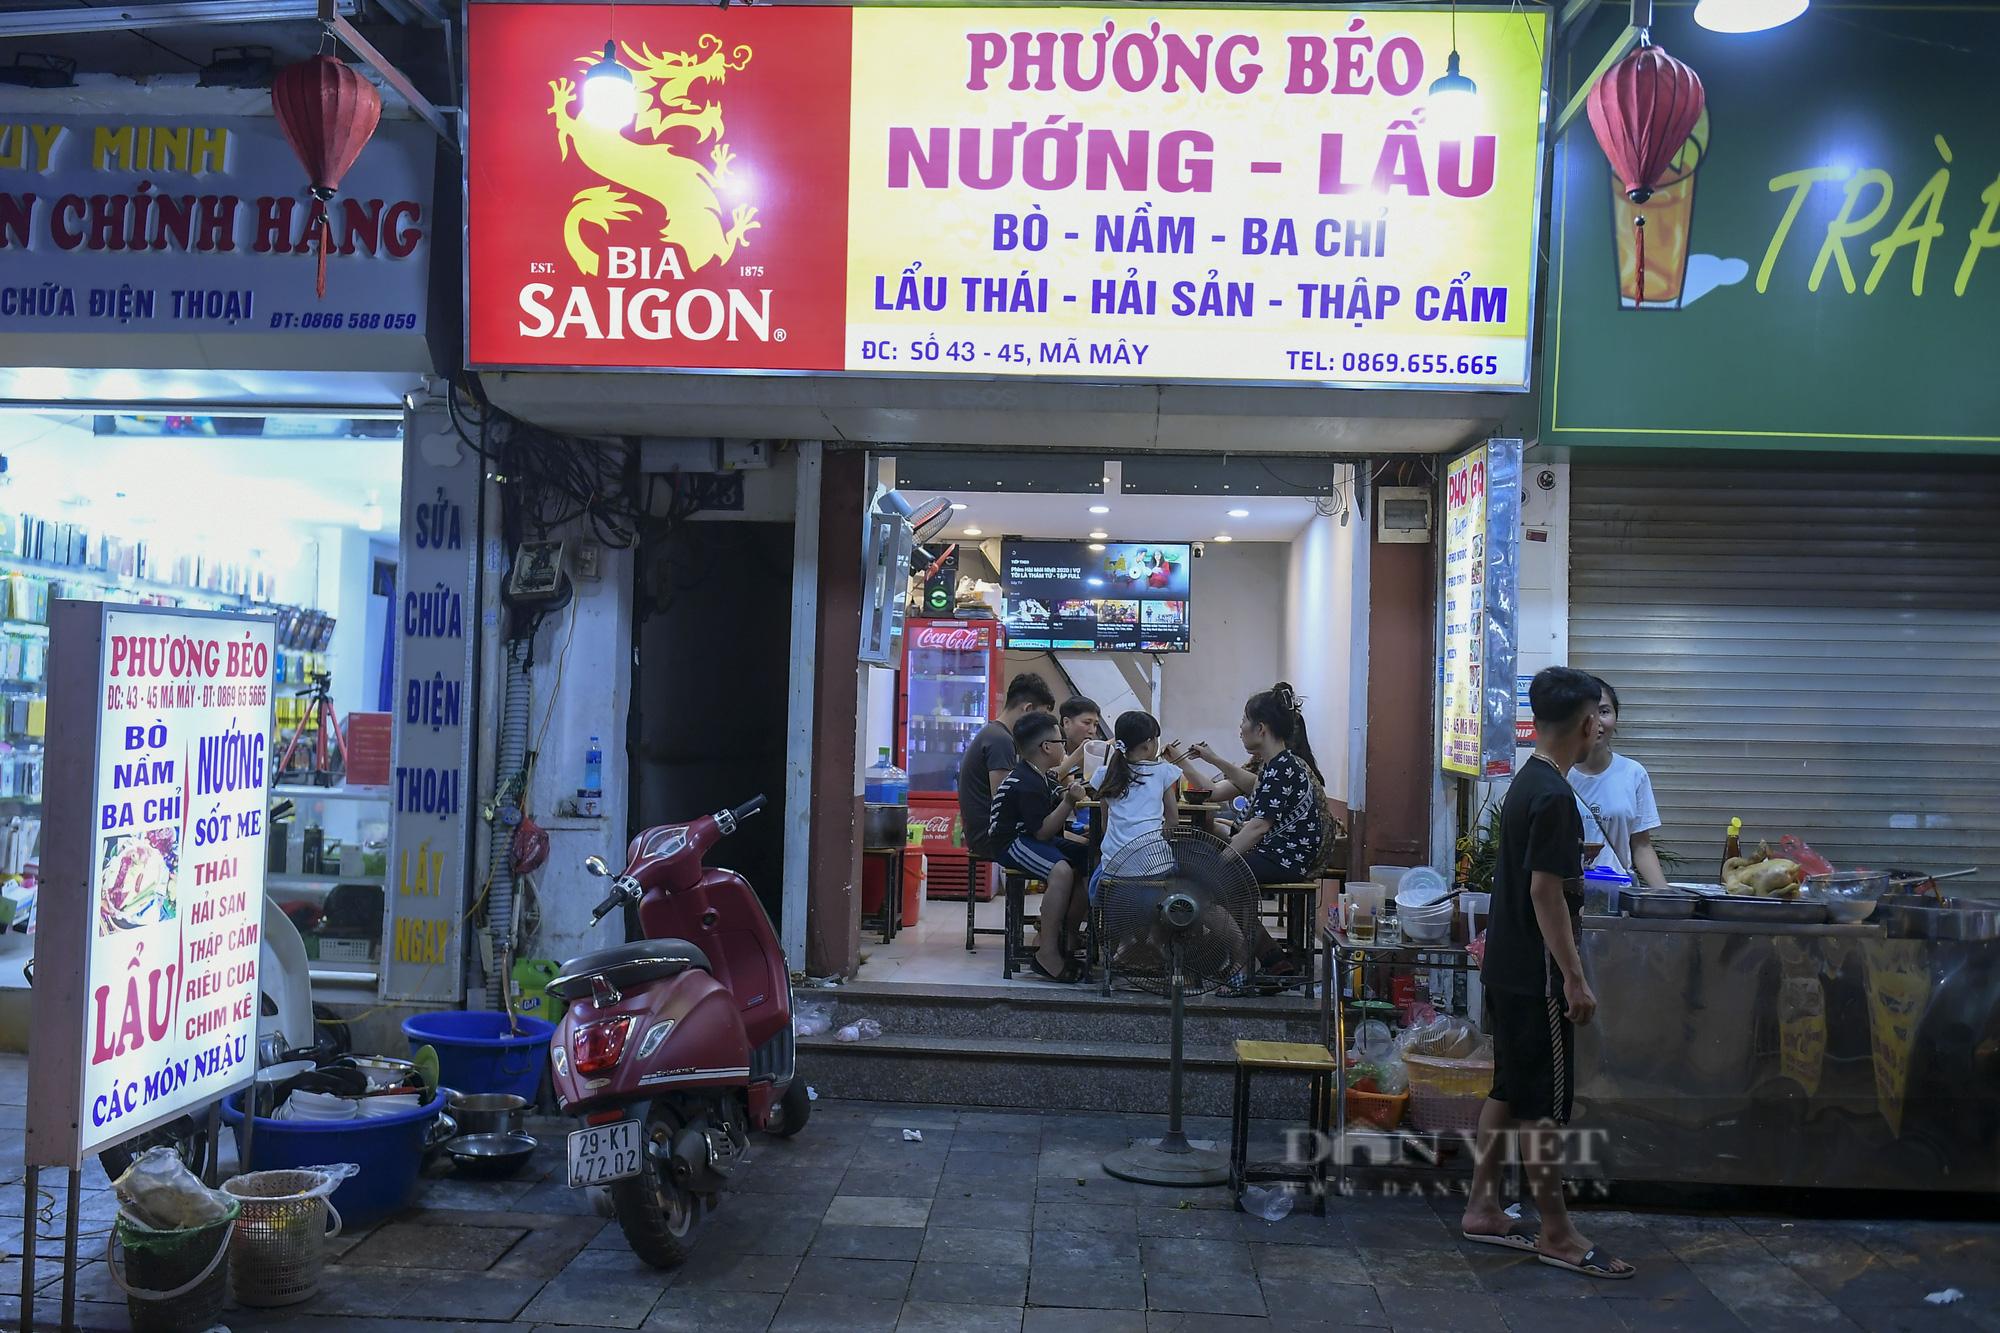 """Hà Nội: Phớt lờ lệnh cấm bán hàng sau 21h, nhiều nhà hàng """"nhốt khách"""" ăn uống phía trong - Ảnh 6."""